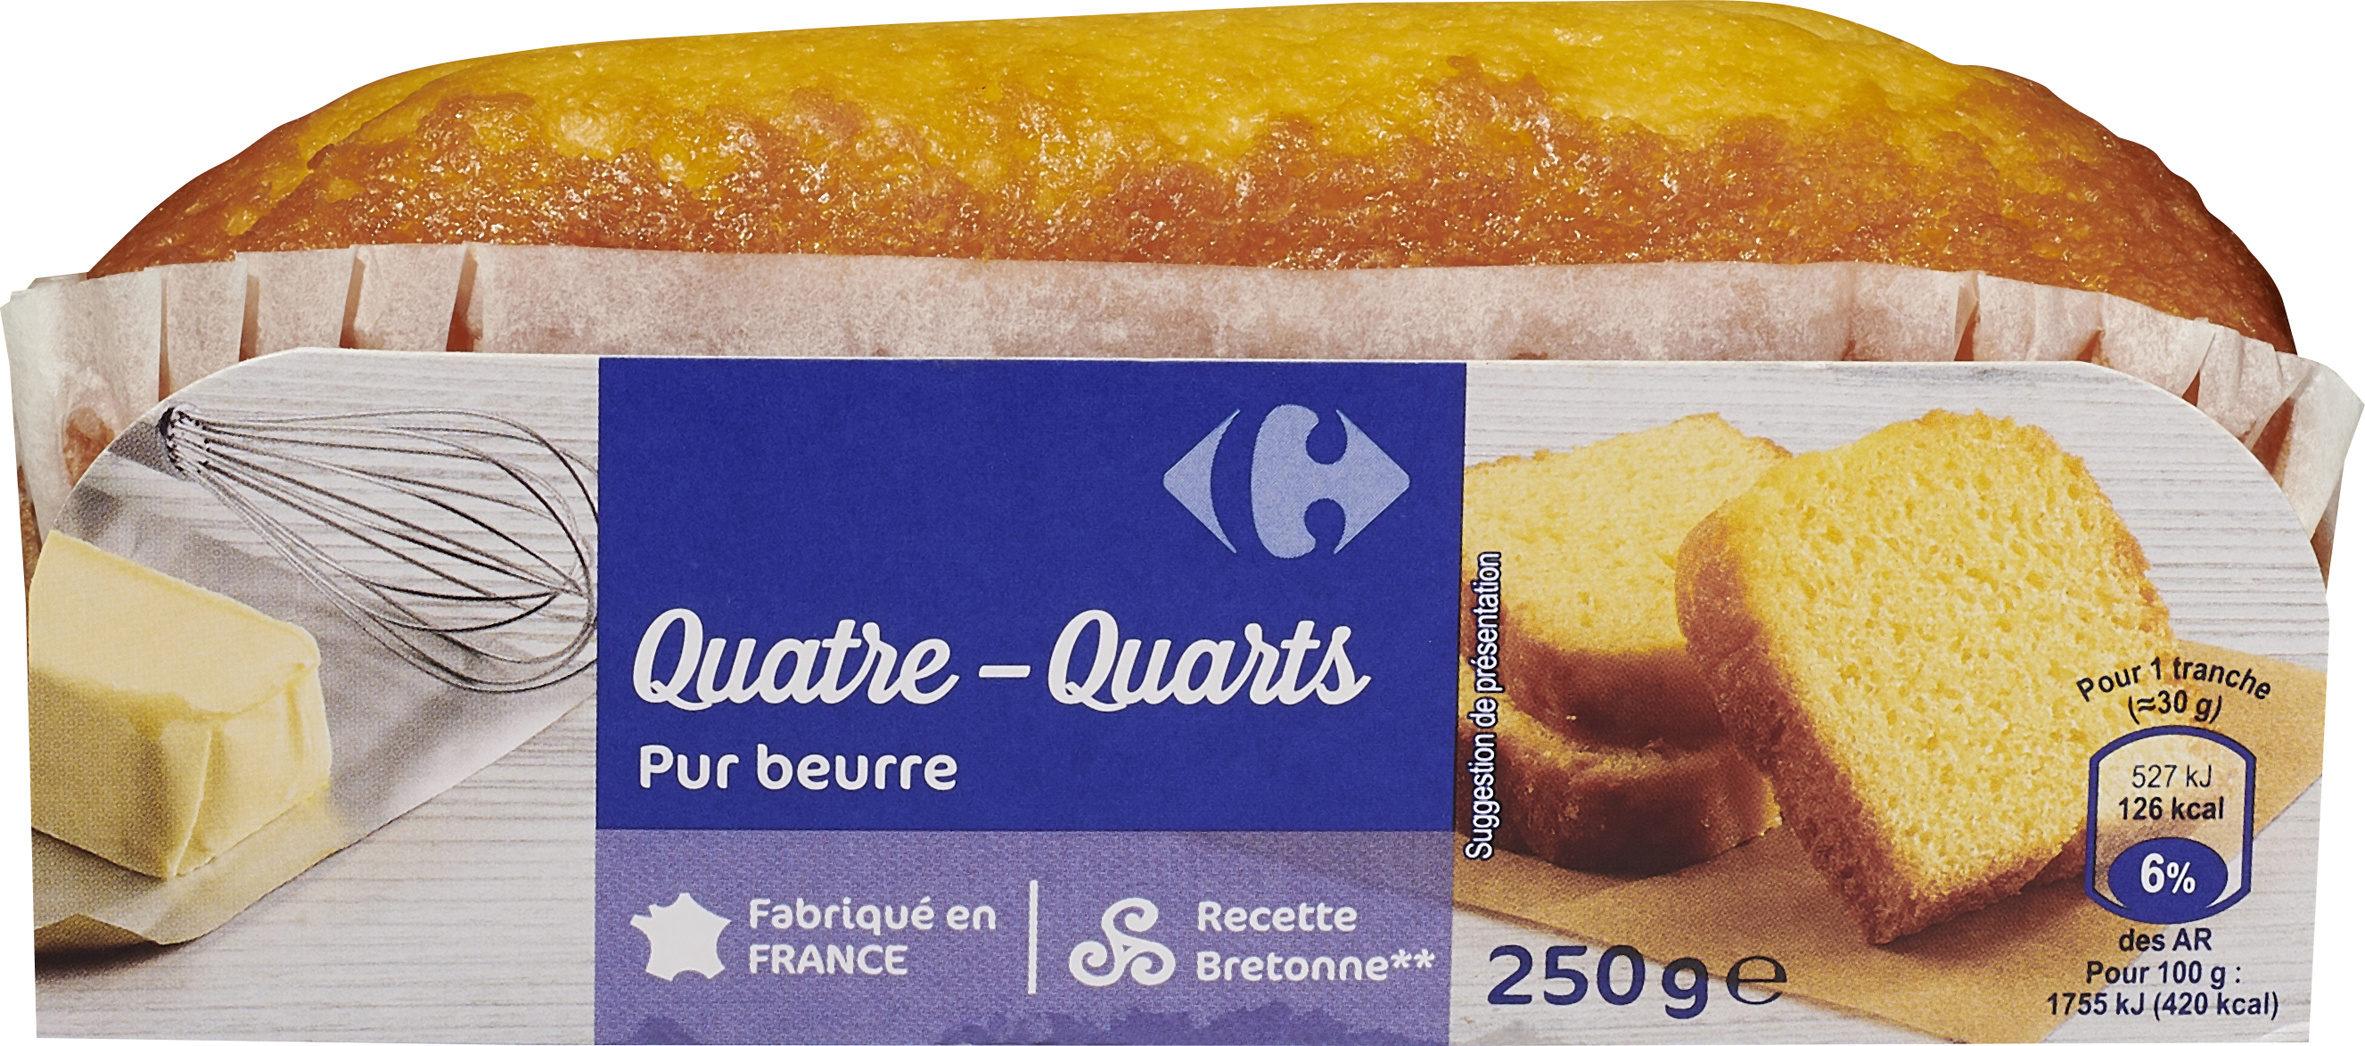 Quatre-Quarts Pur beurre - Product